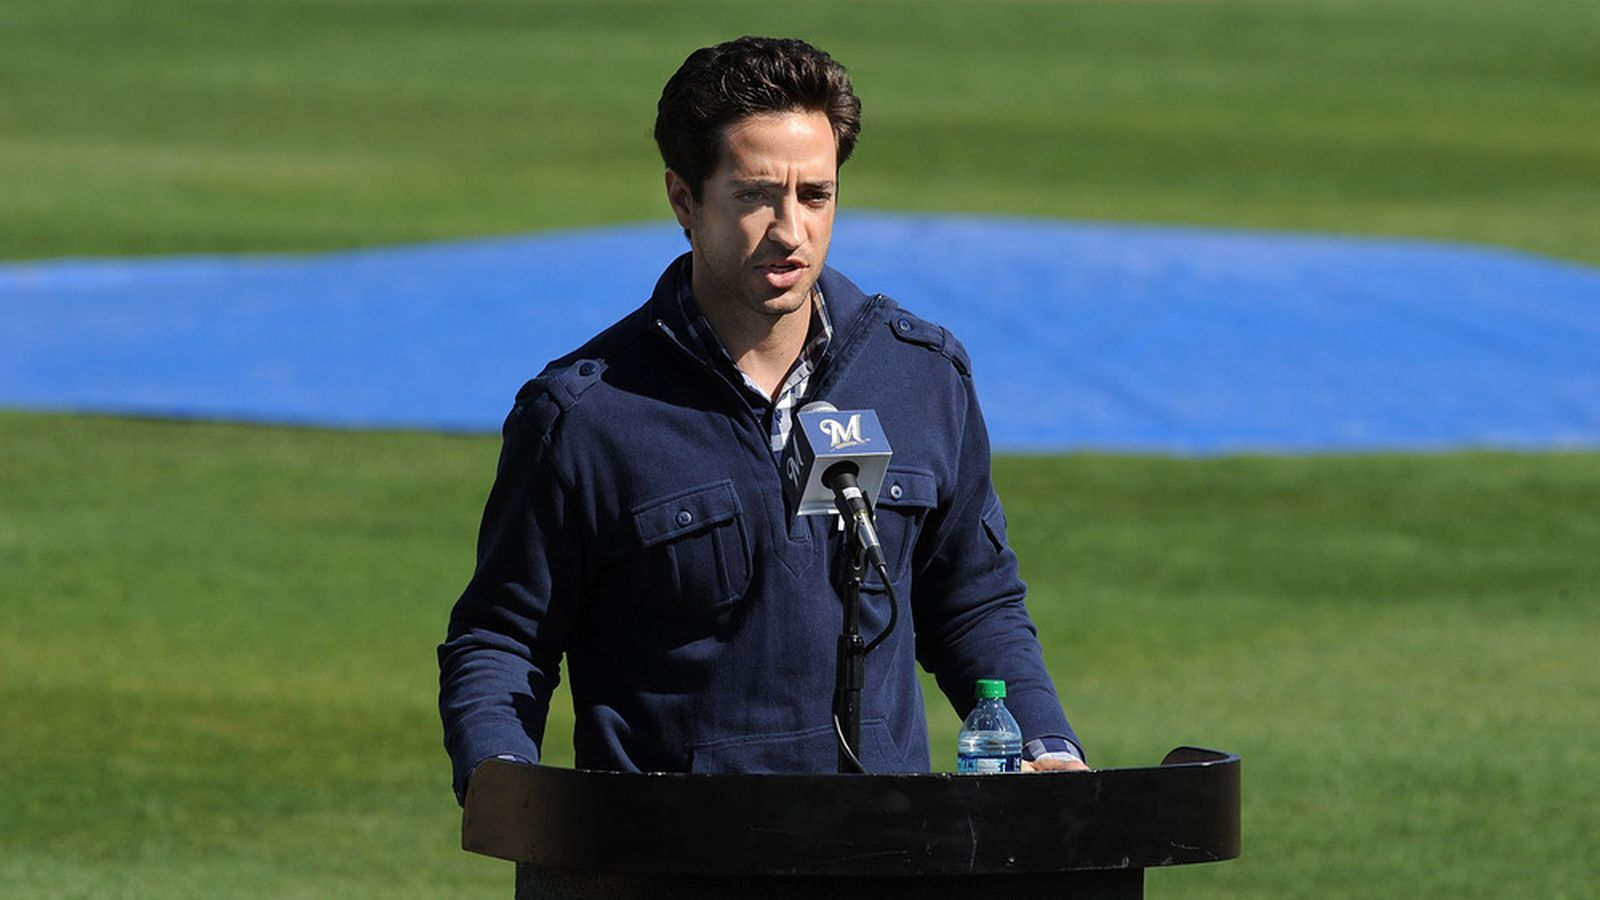 支持美国职业棒球大联盟的Ryan Braun上诉的仲裁员